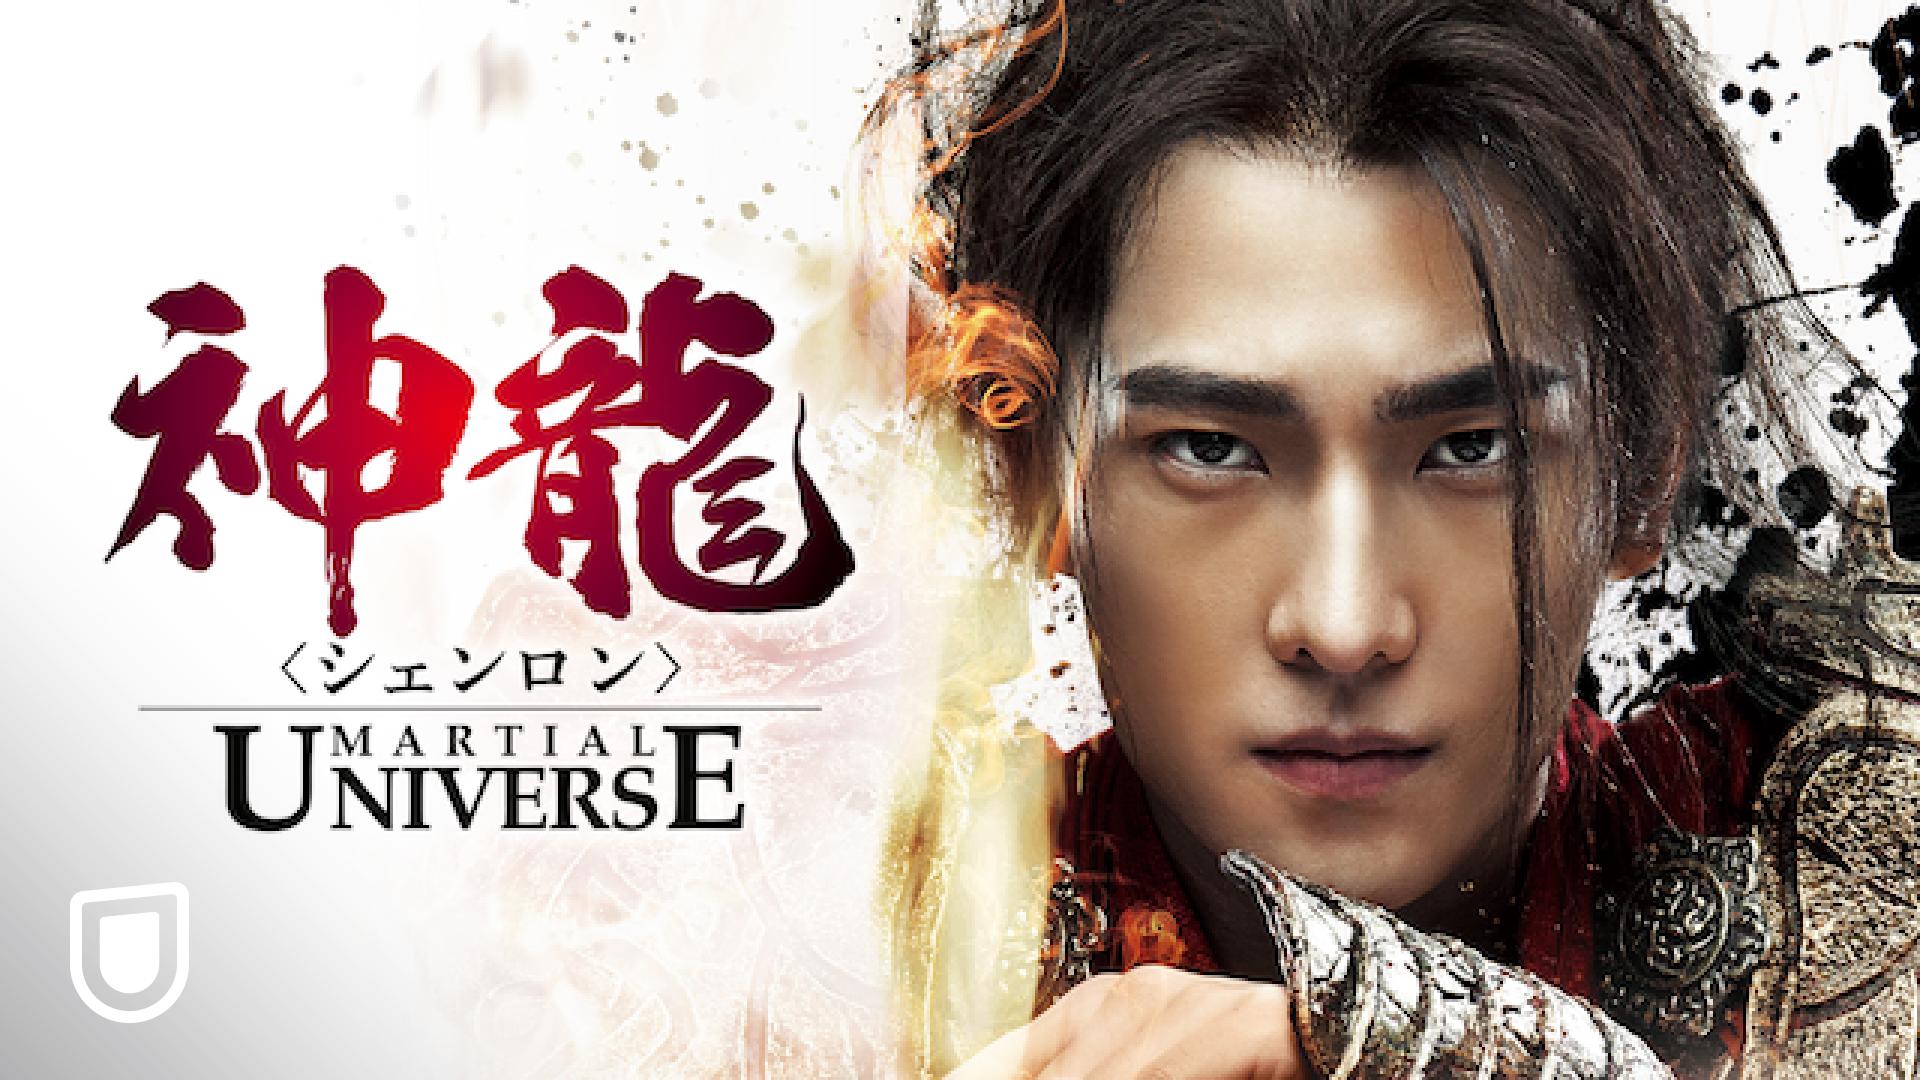 中国ドラマ『神龍<シェンロン> Martial Universe』動画の無料視聴方法!日本語字幕を1話から最終回まで!あらすじと見どころ